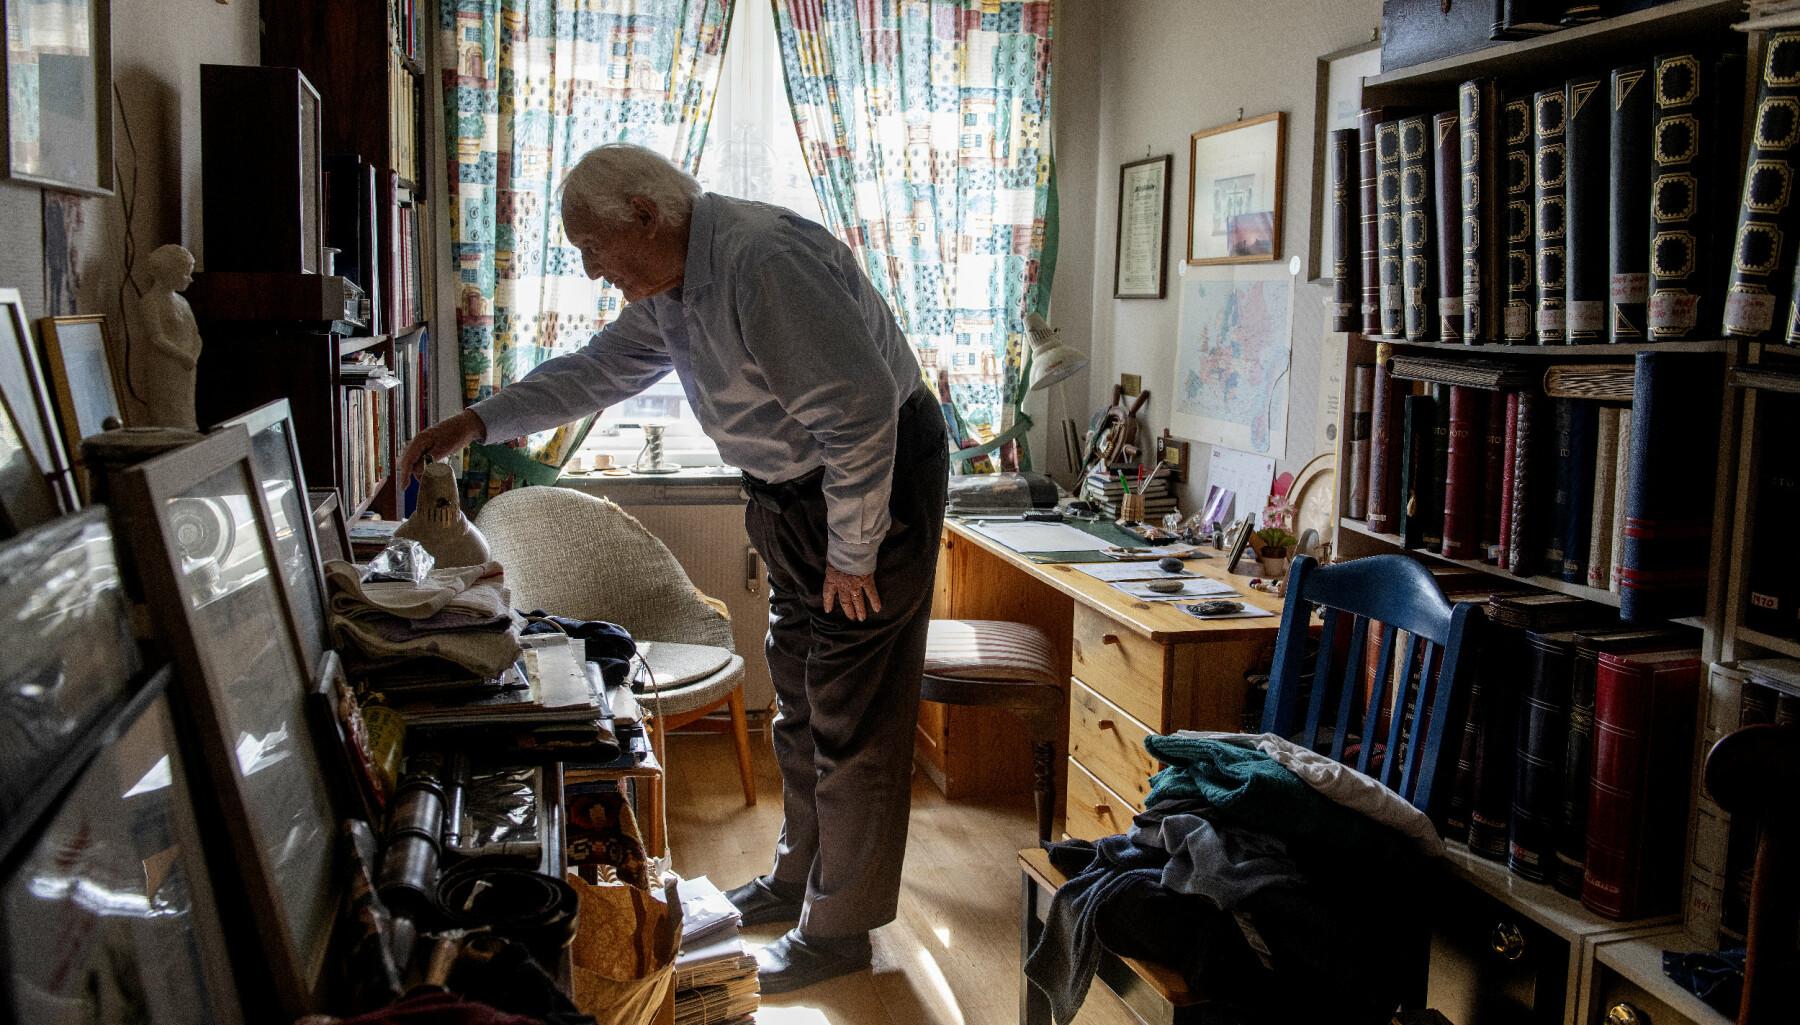 MINNER: På kontoret har Rathke samlet fotografier og artikler fra et langt liv. Han har holdt seg oppdatert på alt som skrives om ham og om veteranene fra Kompani Linge frem til i dag. Også bøkene som ikke får plass i bokhyllen i stuen, får plass her inne.